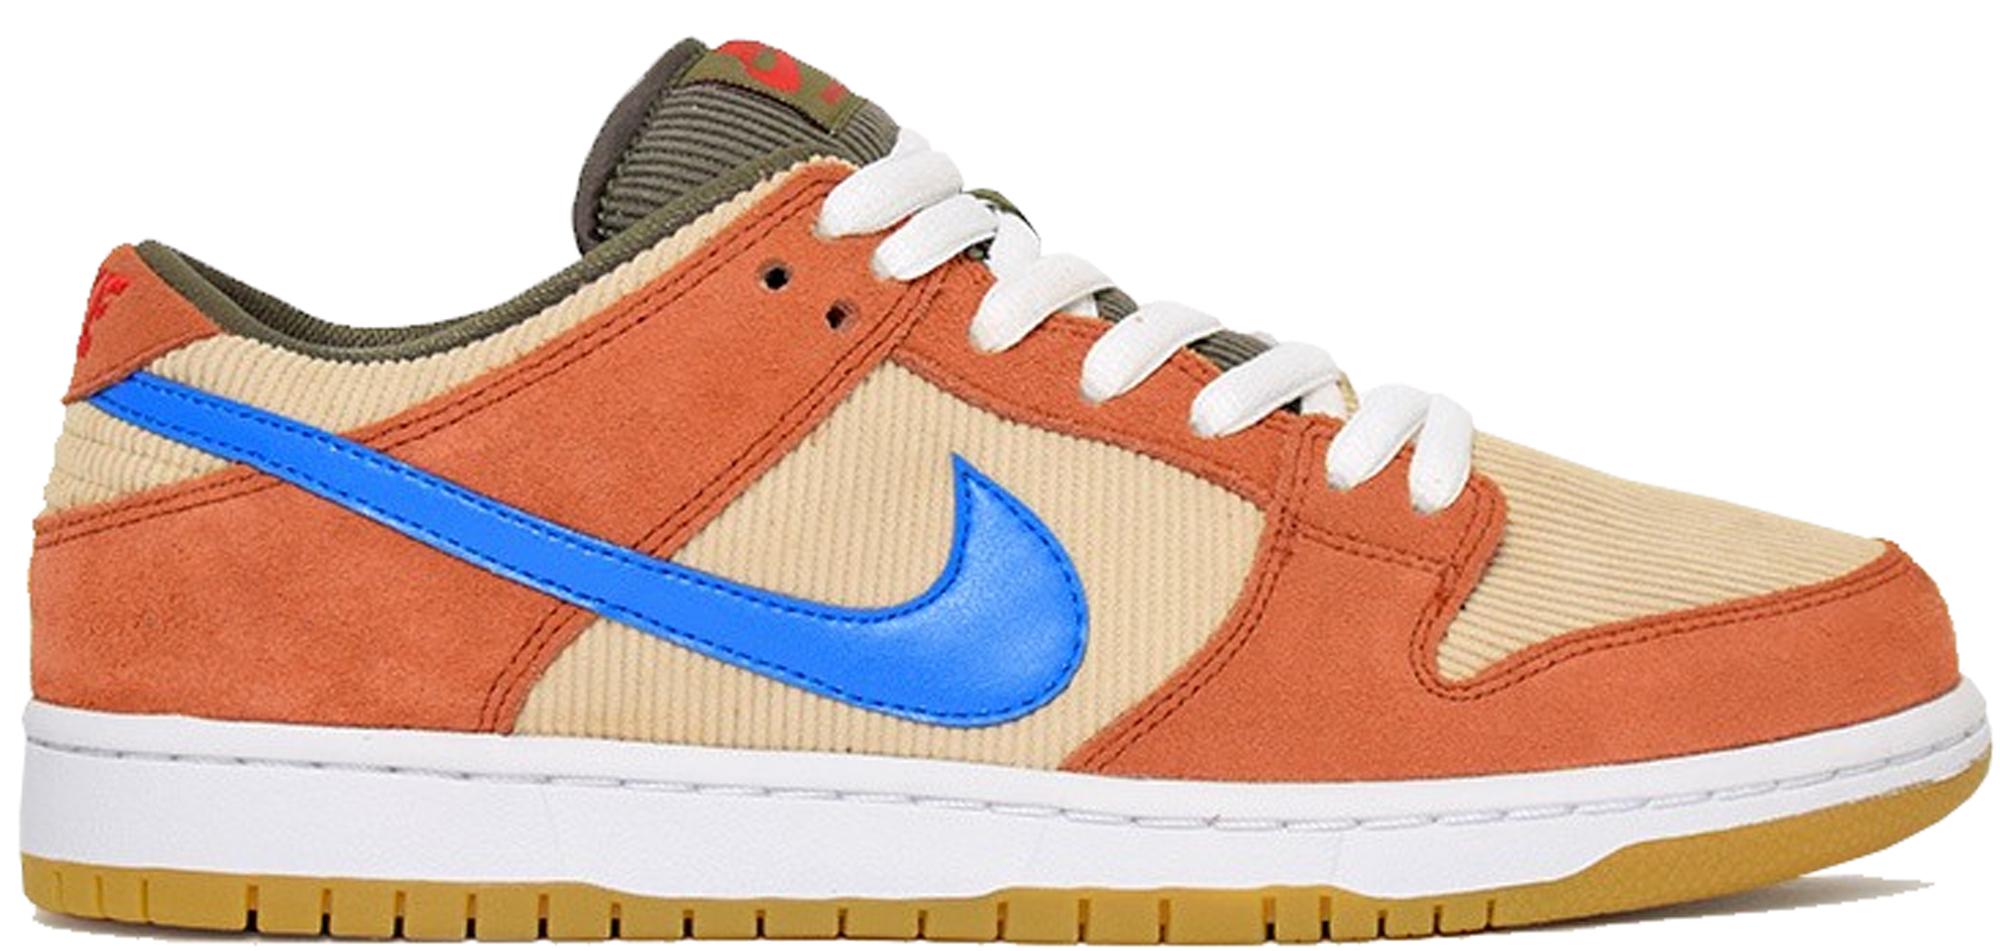 Nike SB Dunk Low Corduroy Dusty Peach